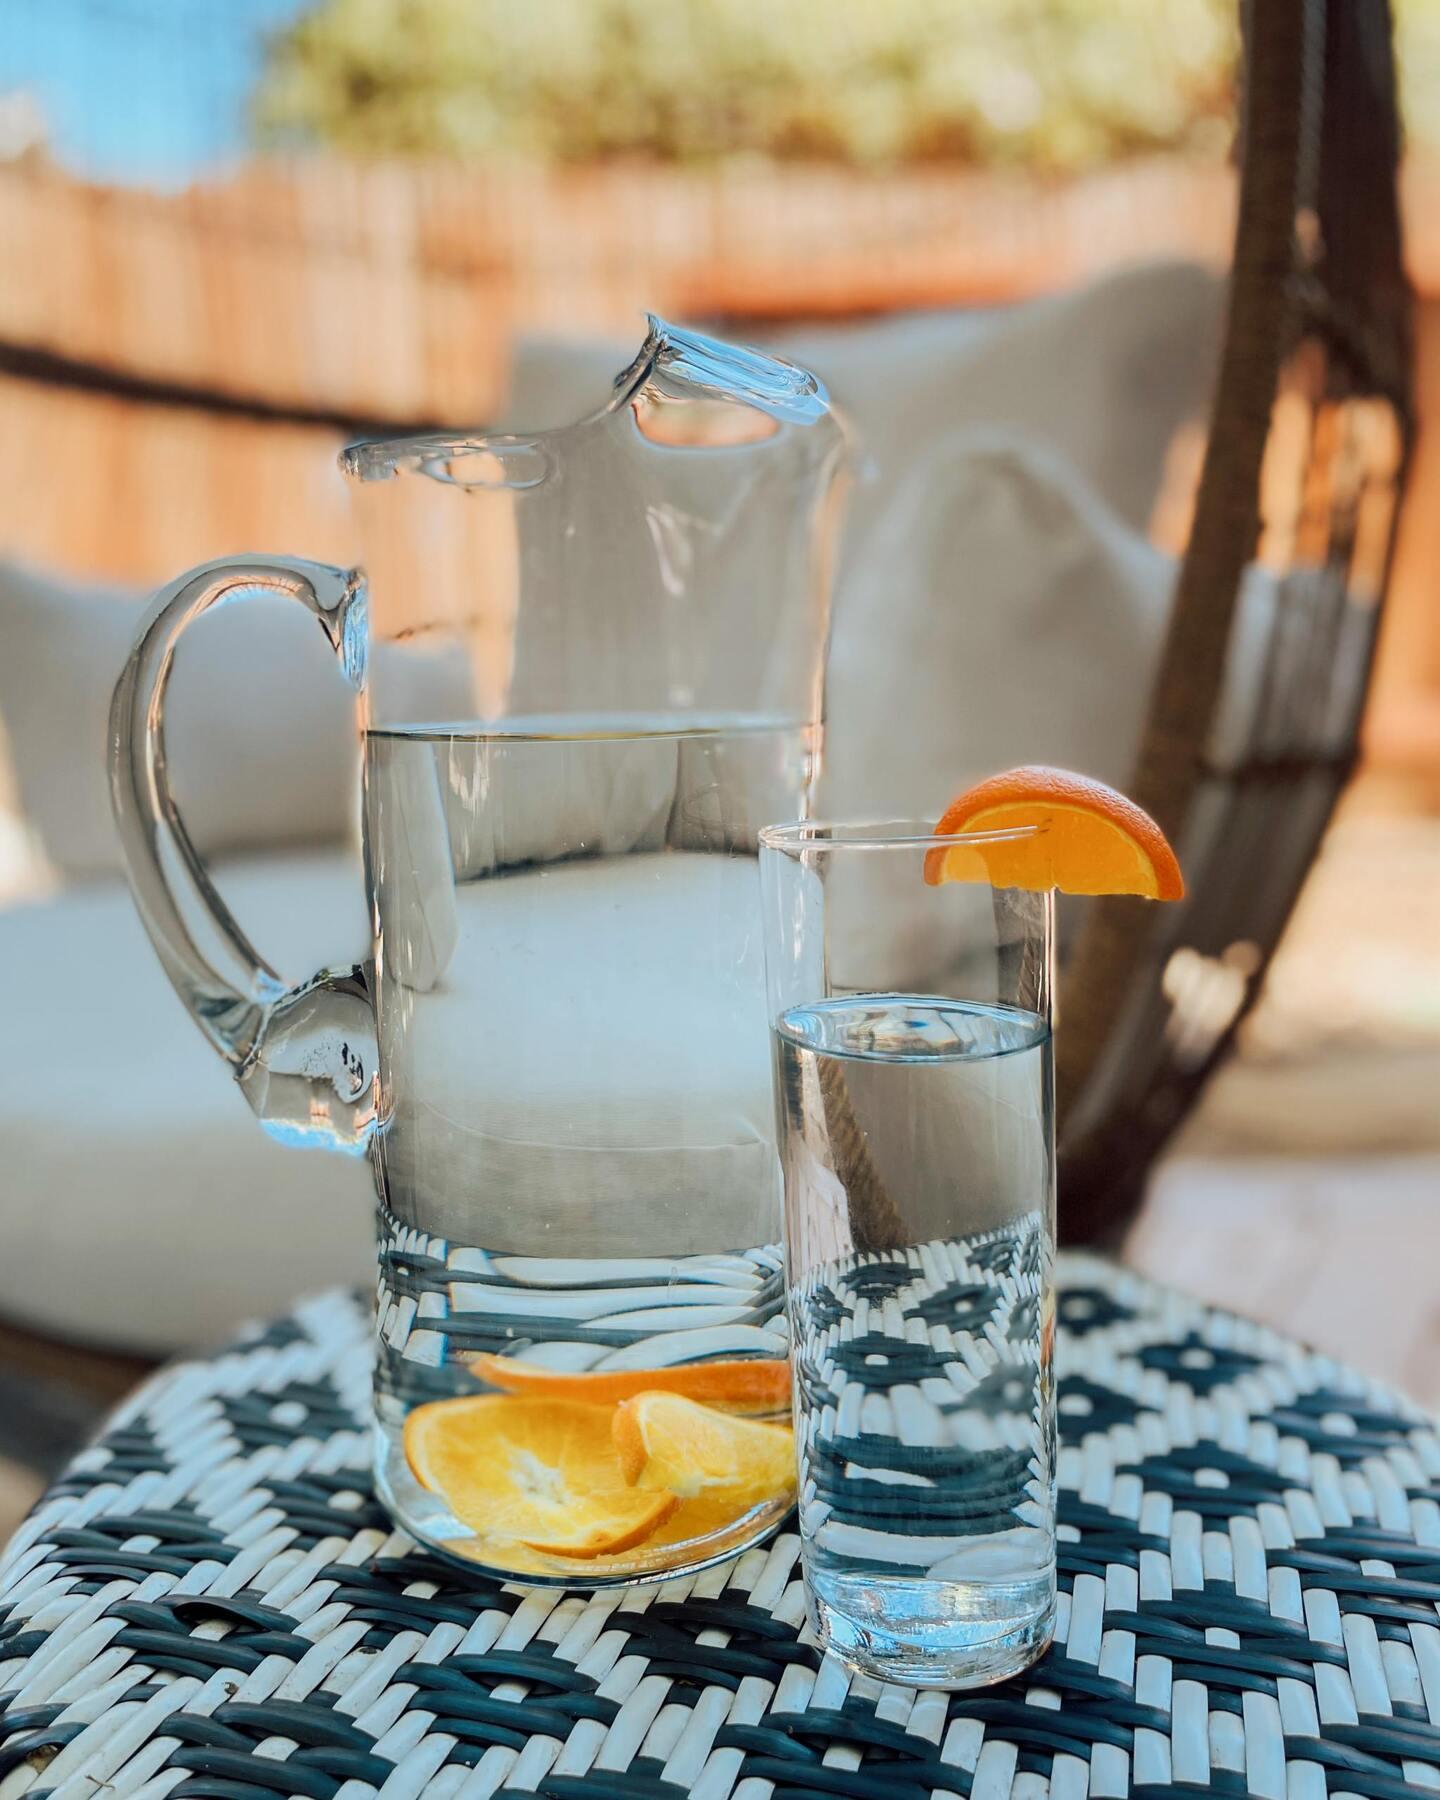 glass pitcher for lemonade